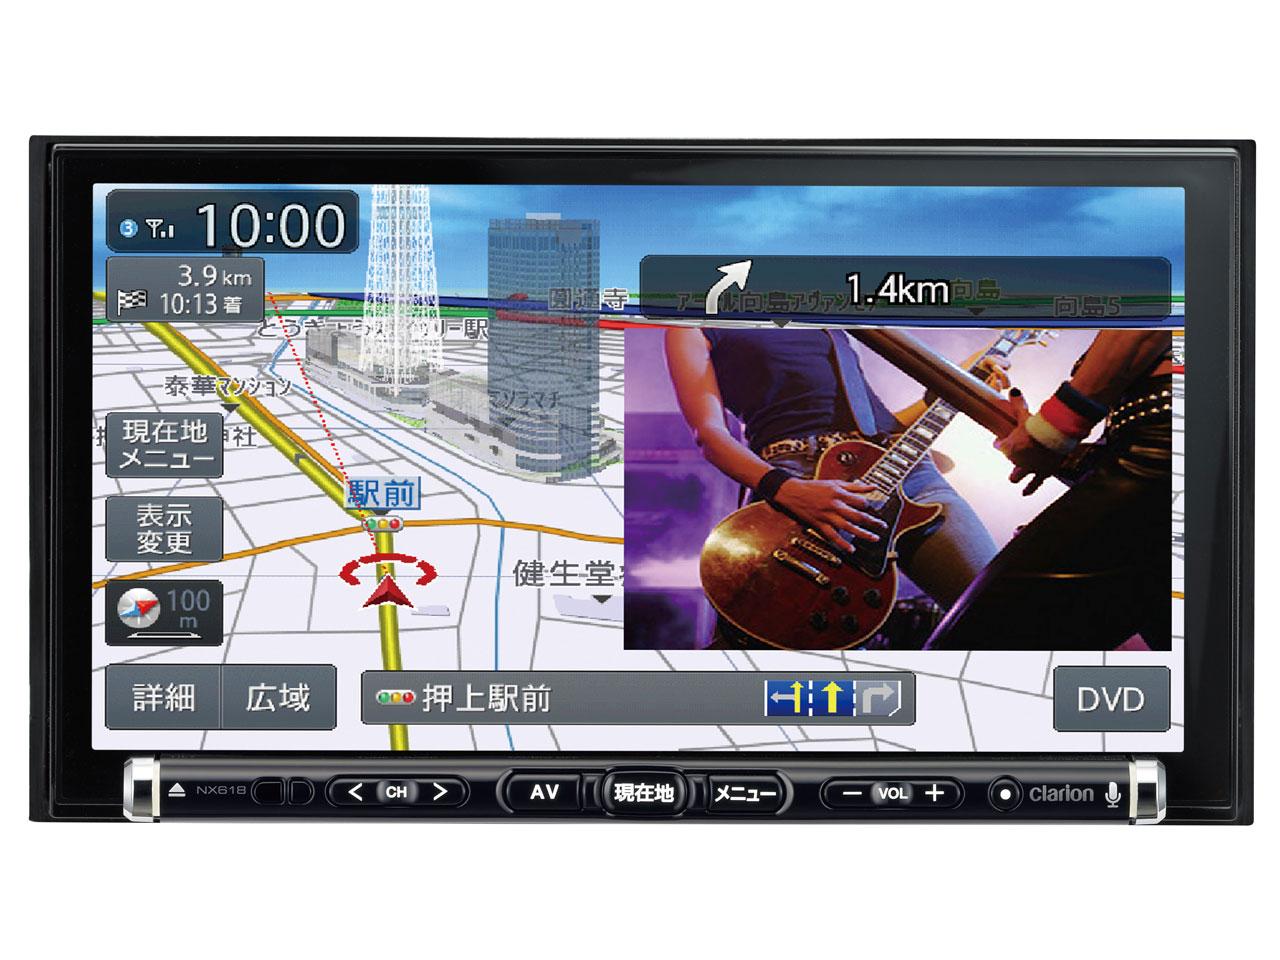 クラリオン NX618 AVナビゲーション Smart Accessリンク ワイド7型 VGA フルセグ地デジTV DVD SD VICS WIDE対応 QY-7942A-A clarion NX-618